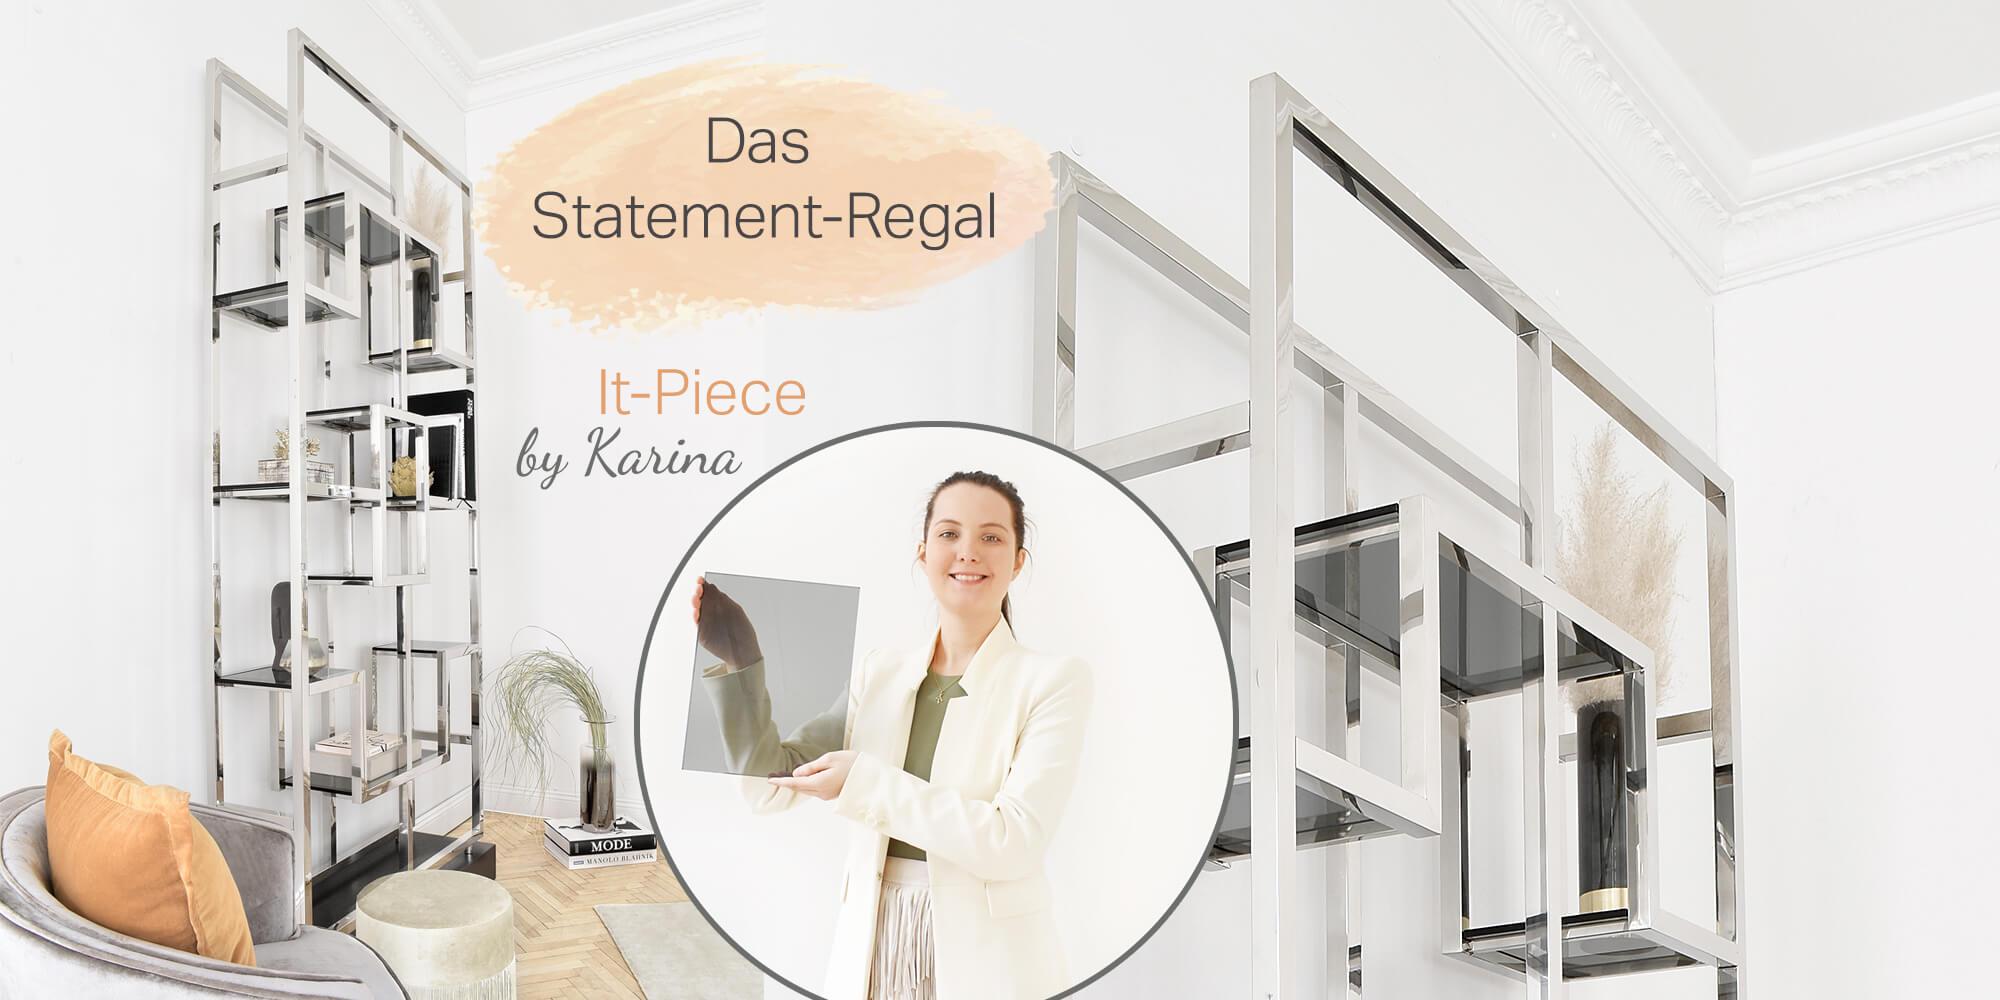 It-Piece: Das Statement Regal